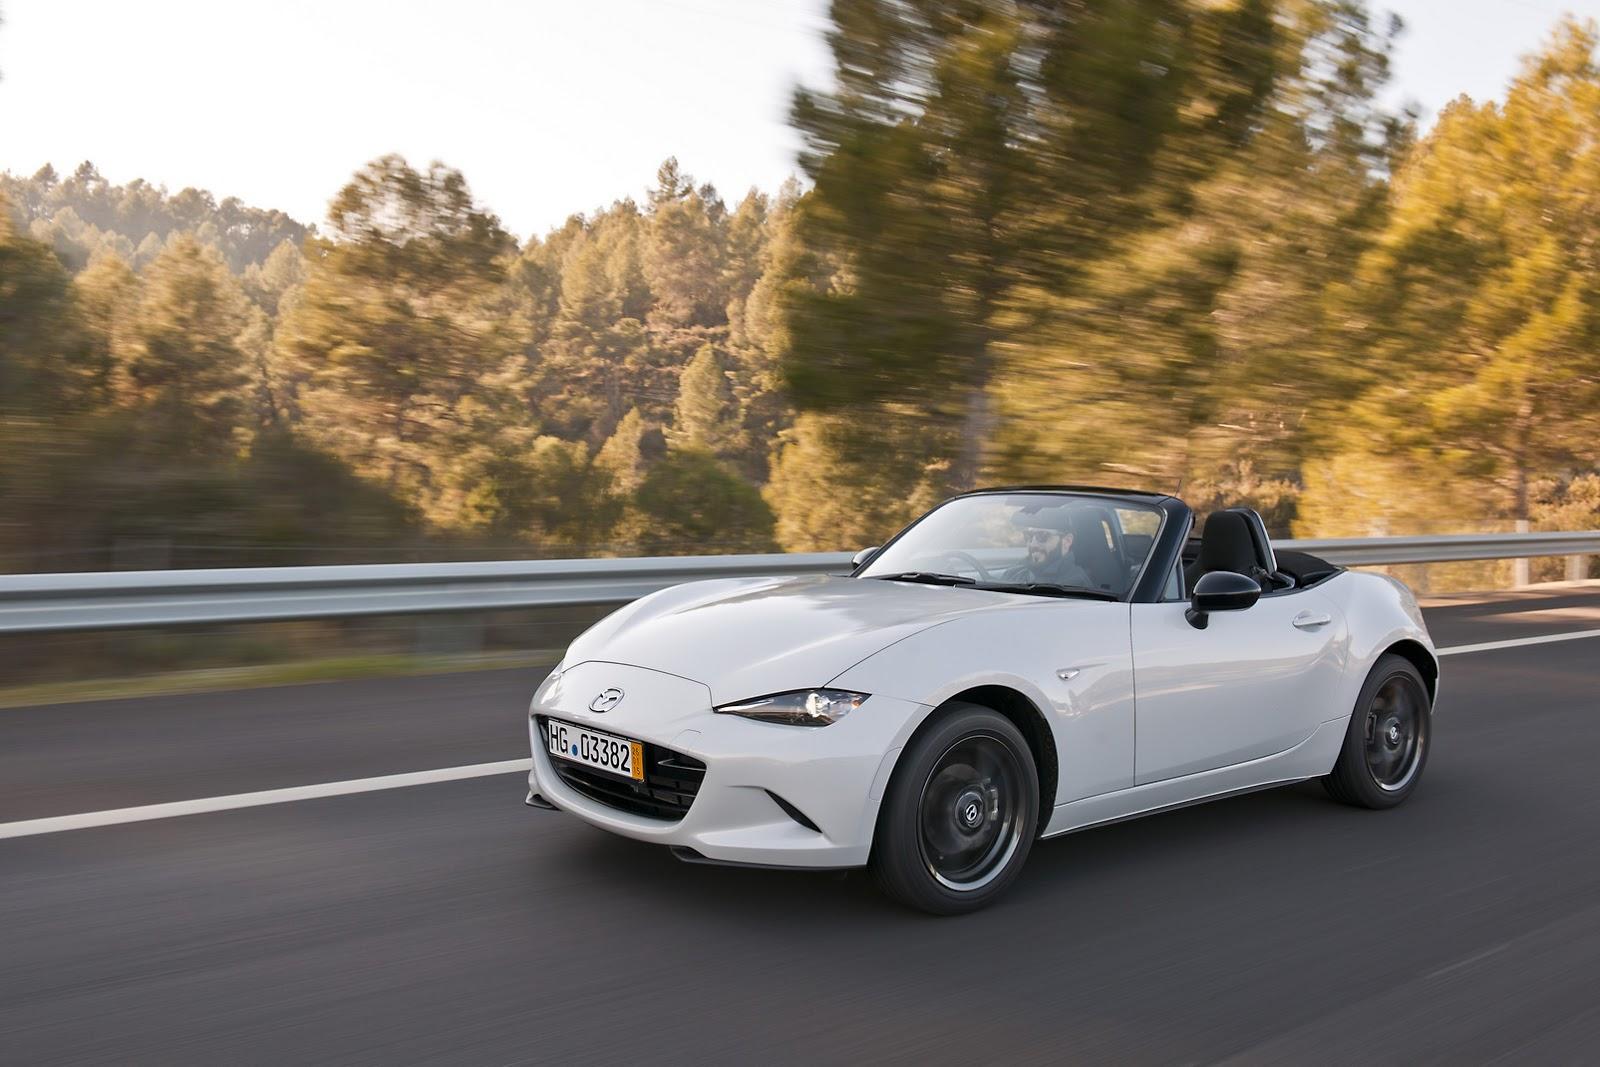 2016-Mazda-MX-5-13.jpg